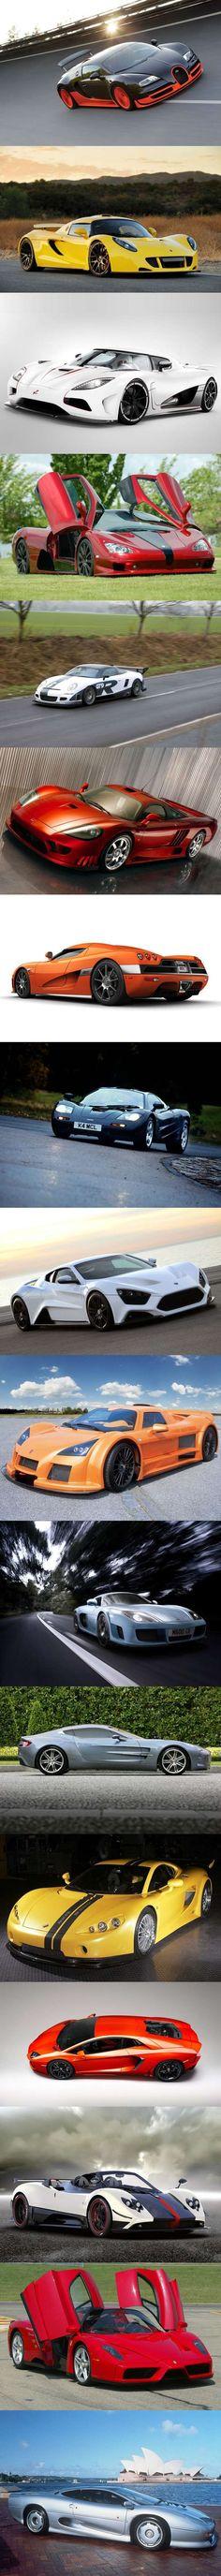 Bugatti Veyron Super Sport, Hennessey Venom GT, Koenigsegg Agera R, SSC Ultimate Aero, 9ff GT9-R, Saleen S7 Twin-Turbo, Koenigsegg CCX, McLaren F1, Zenvo ST1, Gumpert Apollo, Noble M600, Aston Martin One-77, Ascari A10, Lamborghini Aventador, Pagani Zonda Cinque Roadster, Ferrari Enzo, Jaguar XJ220